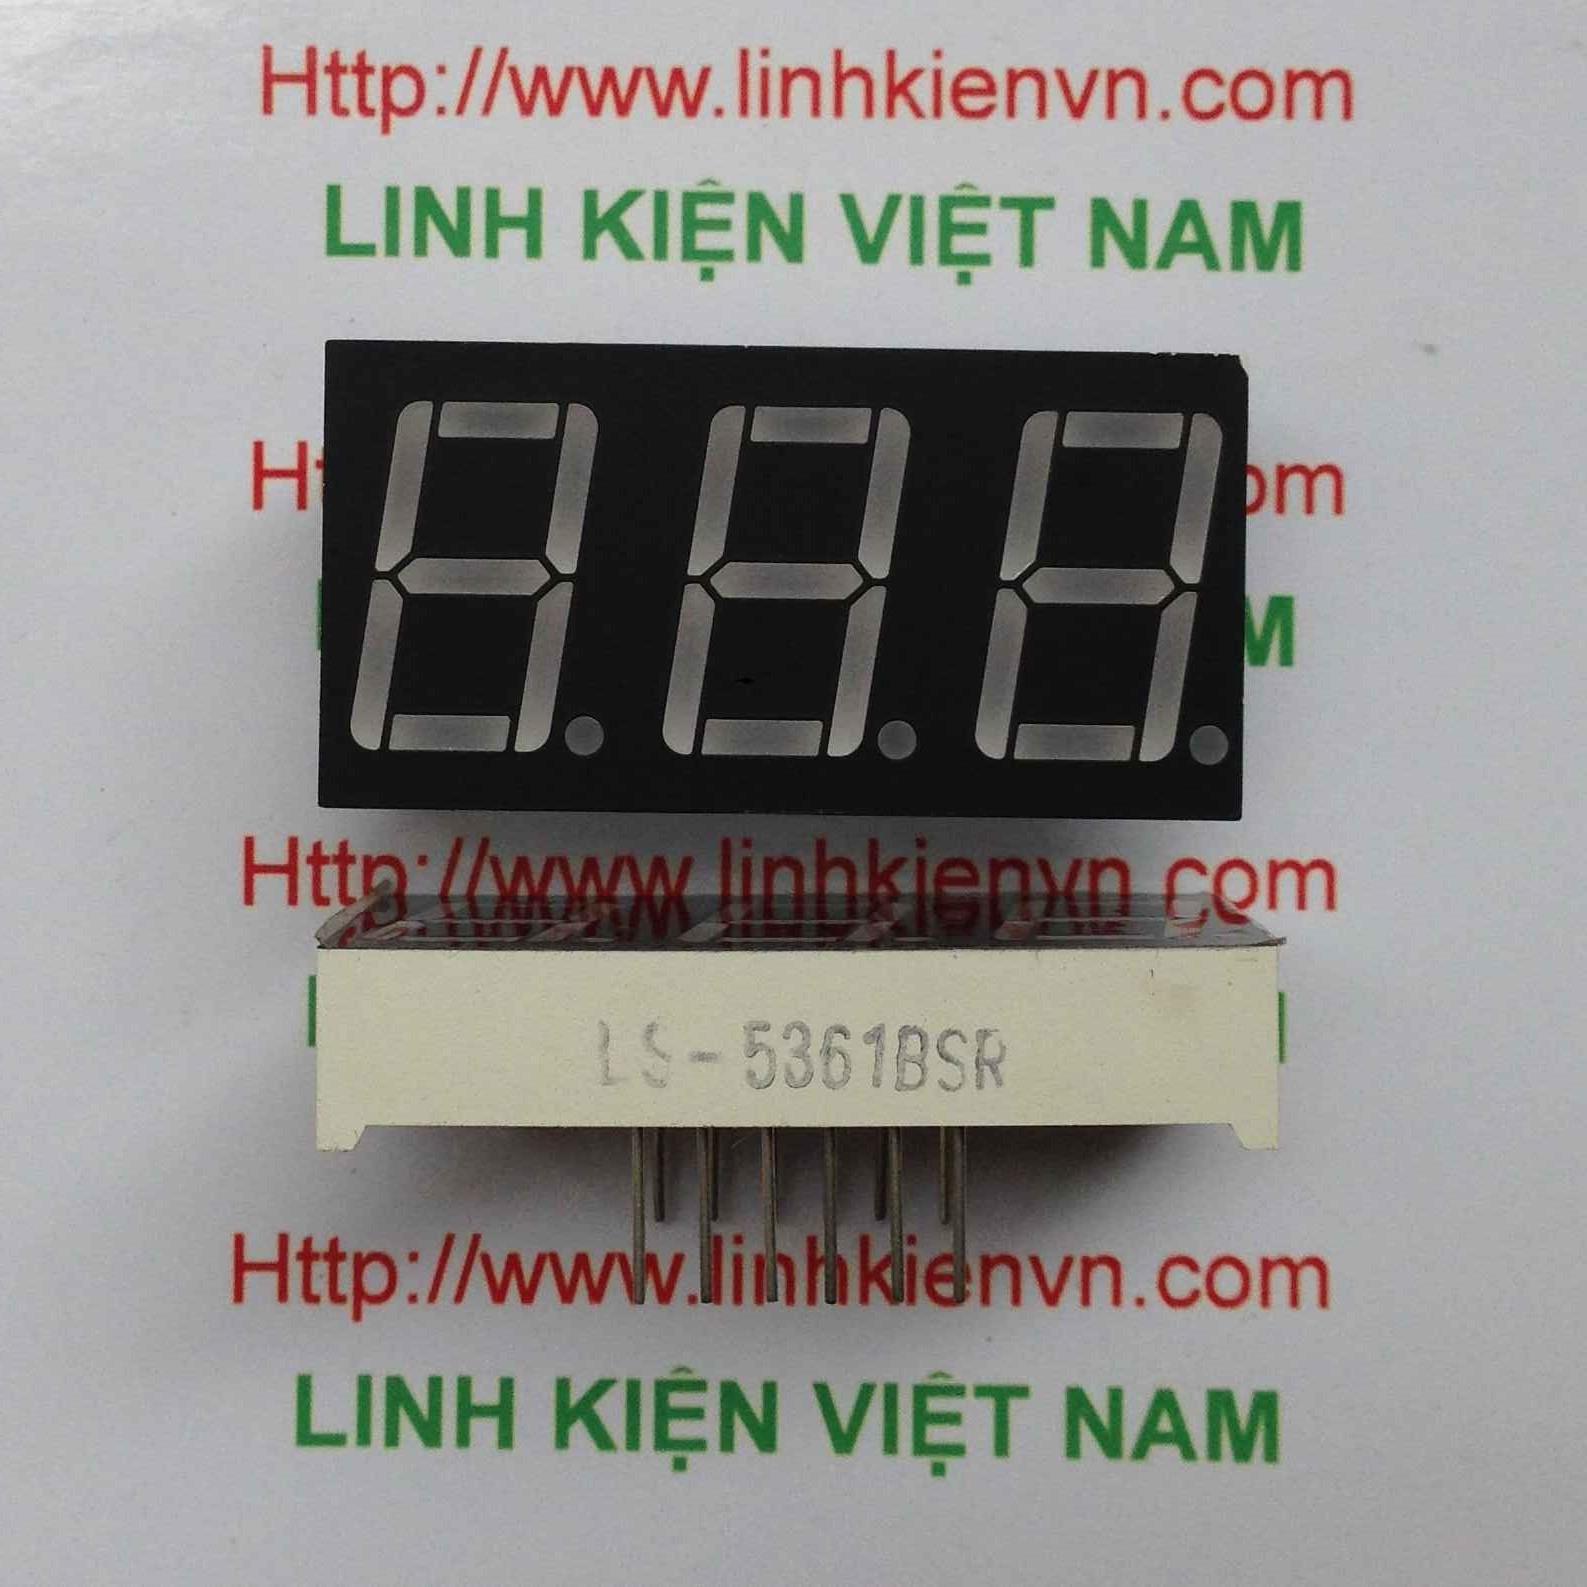 Led 7 thanh 0.56 inch 3 số anot chung màu đỏ - A2H5